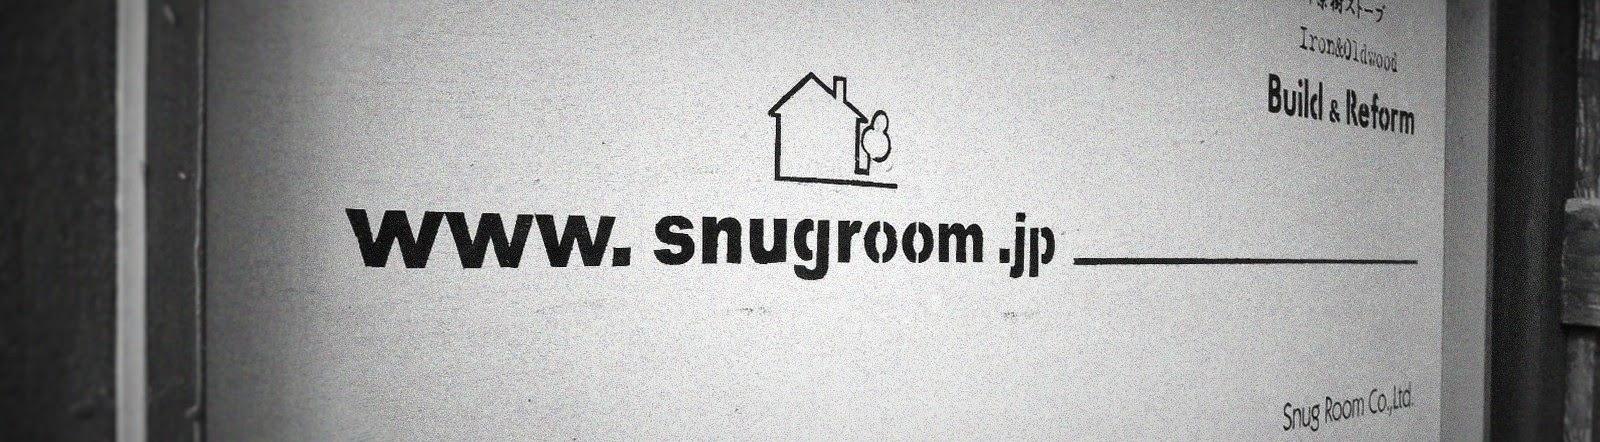 Snug Room のホームページ